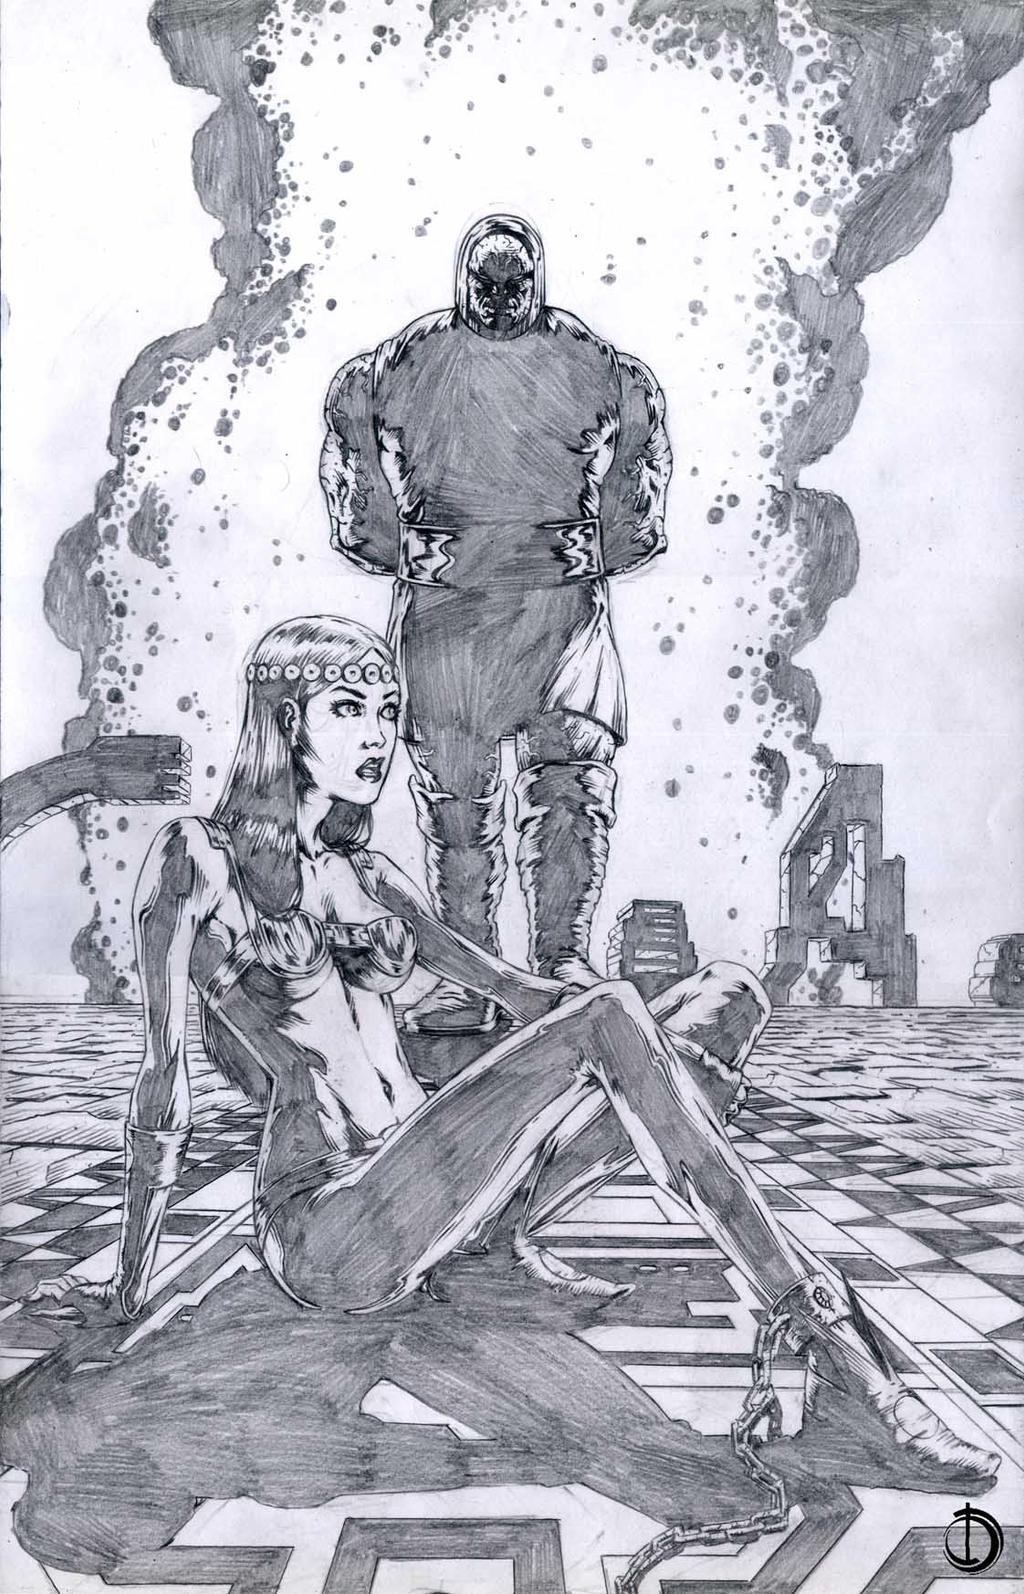 SanEspina Darkseid and Barda Pin-up by santiagocomics